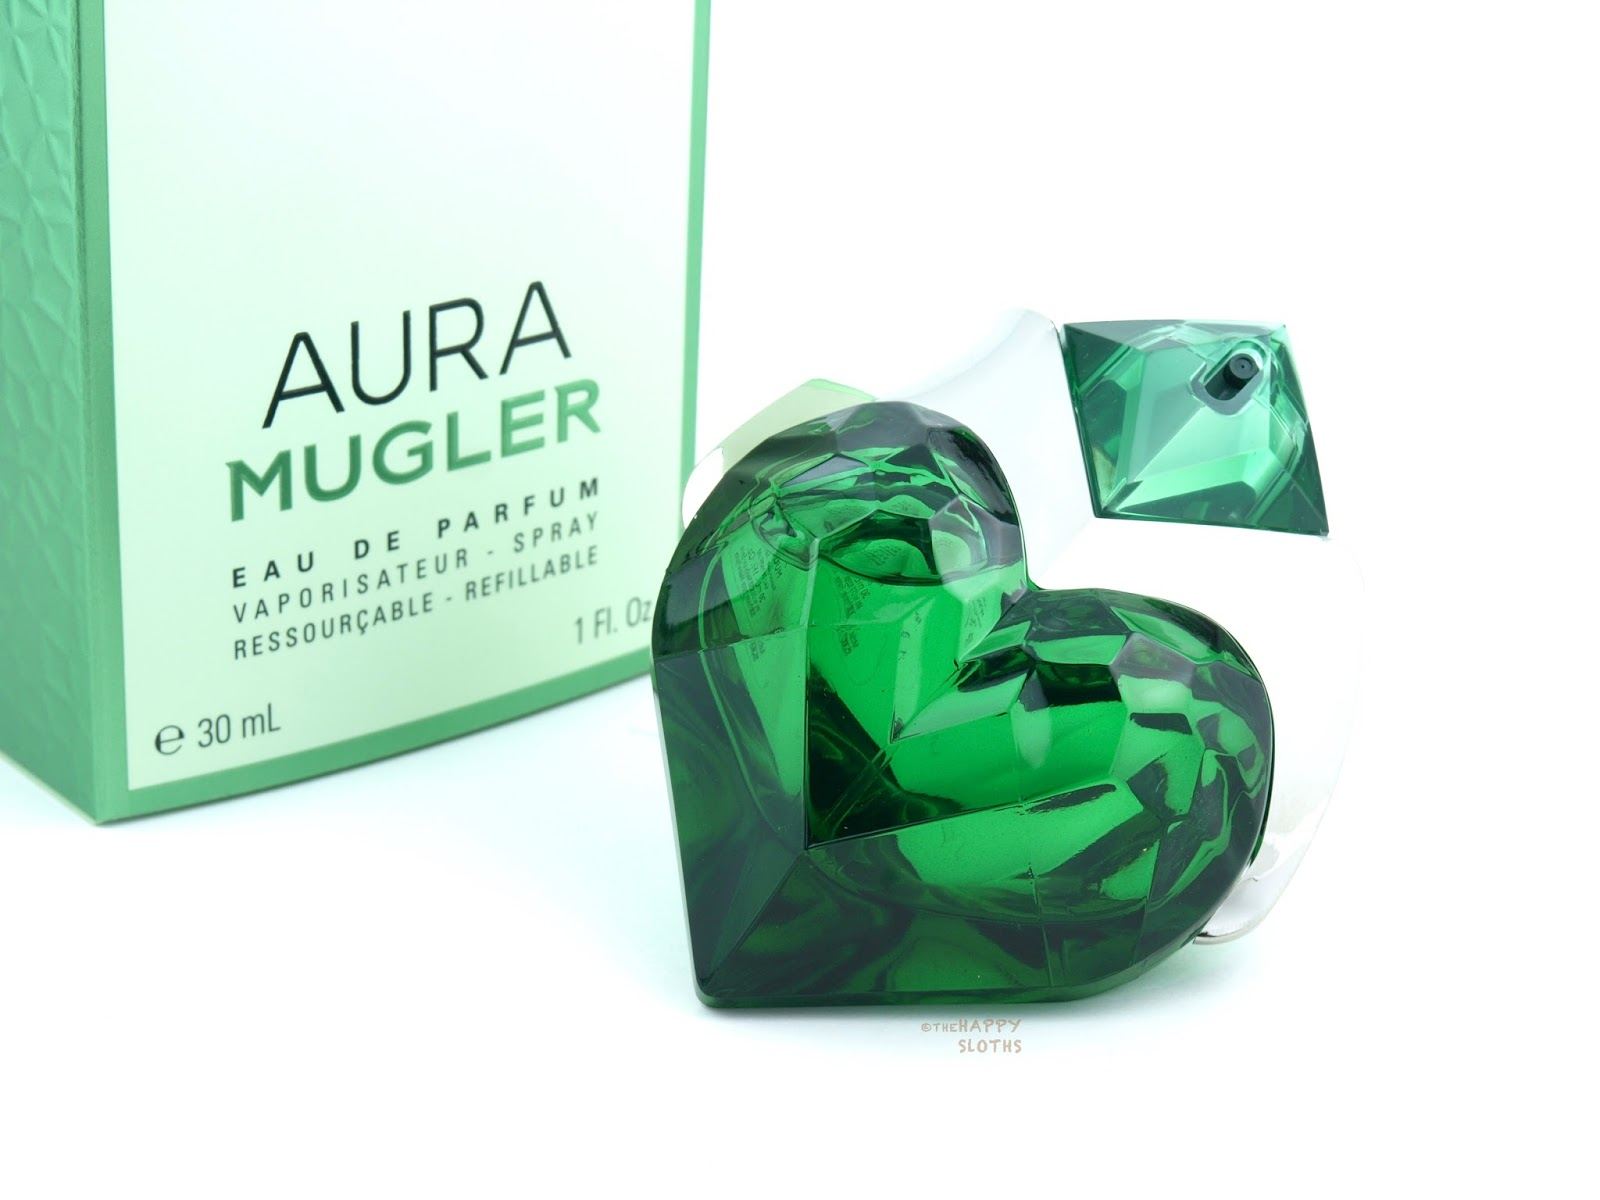 Mugler | Aura Eau de Parfum: Review